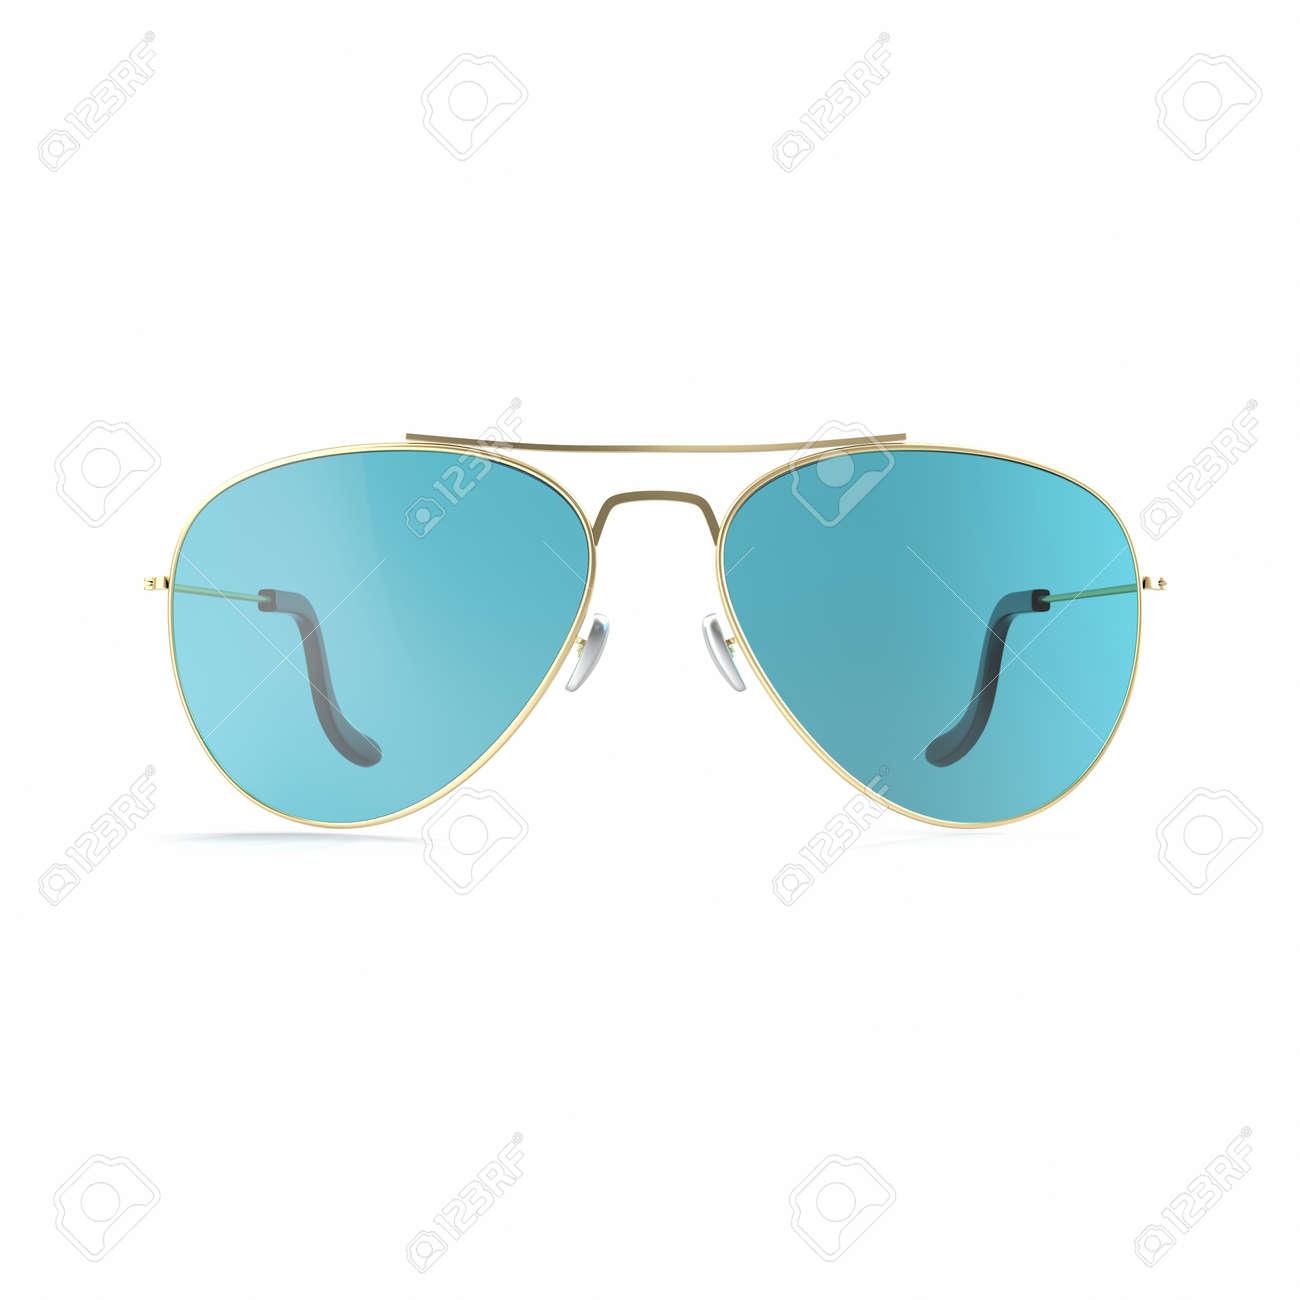 muy agradable primera vista como comprar Gafas de sol gafas azules aisladas sobre fondo blanco. Ilustración 3d